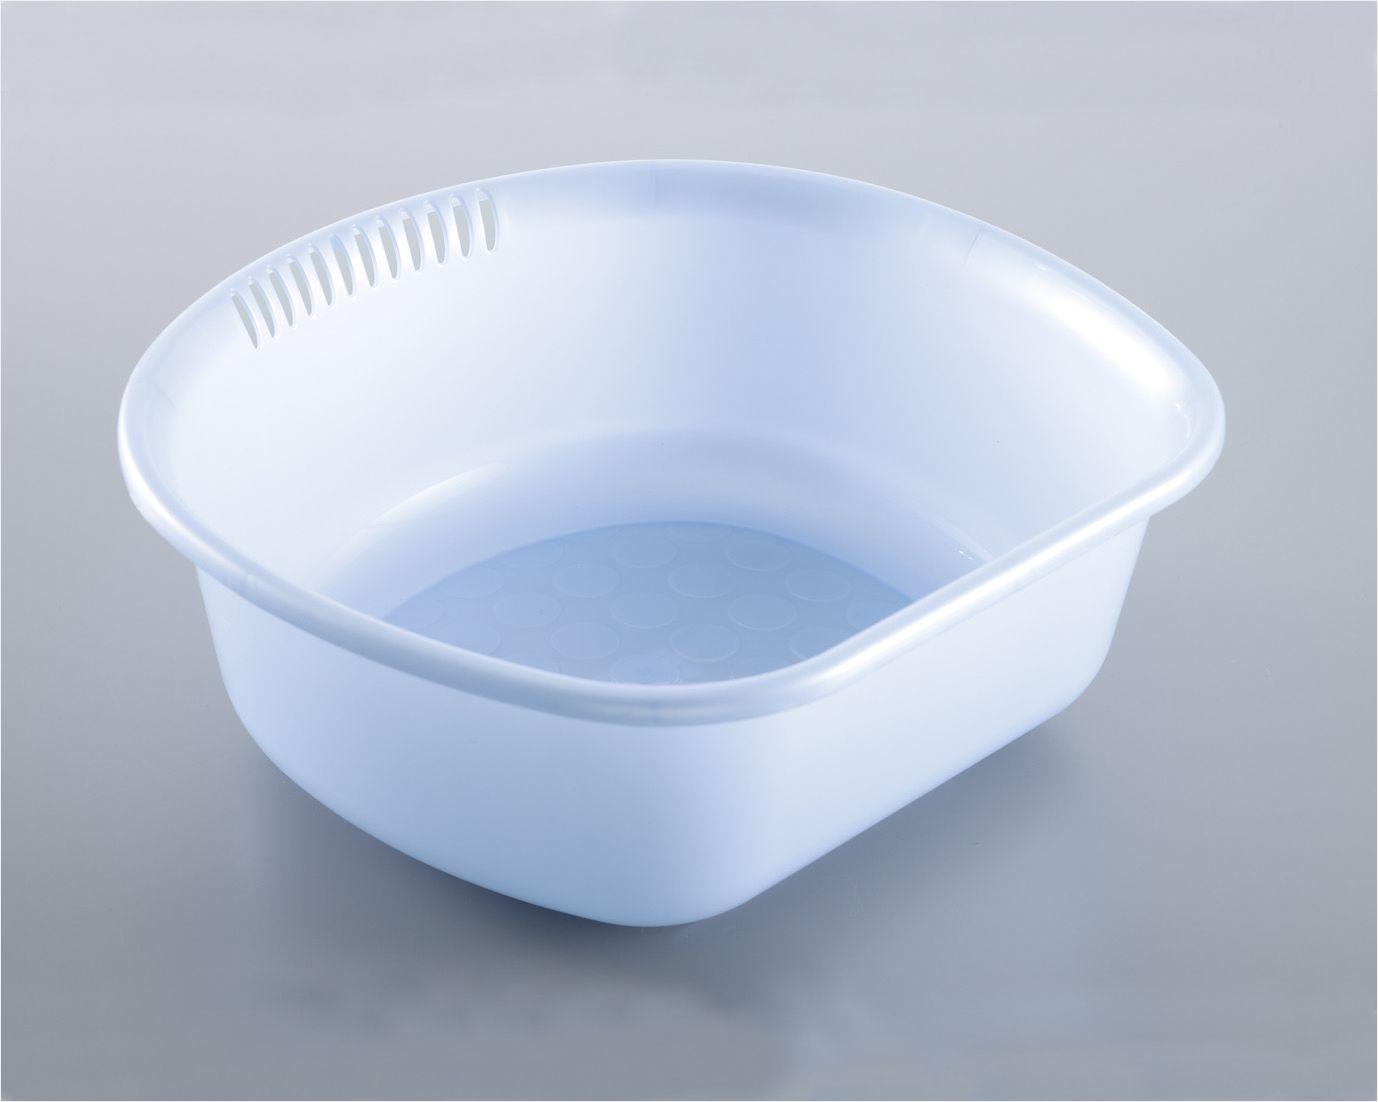 sanada日本多用途塑料盆5.5L